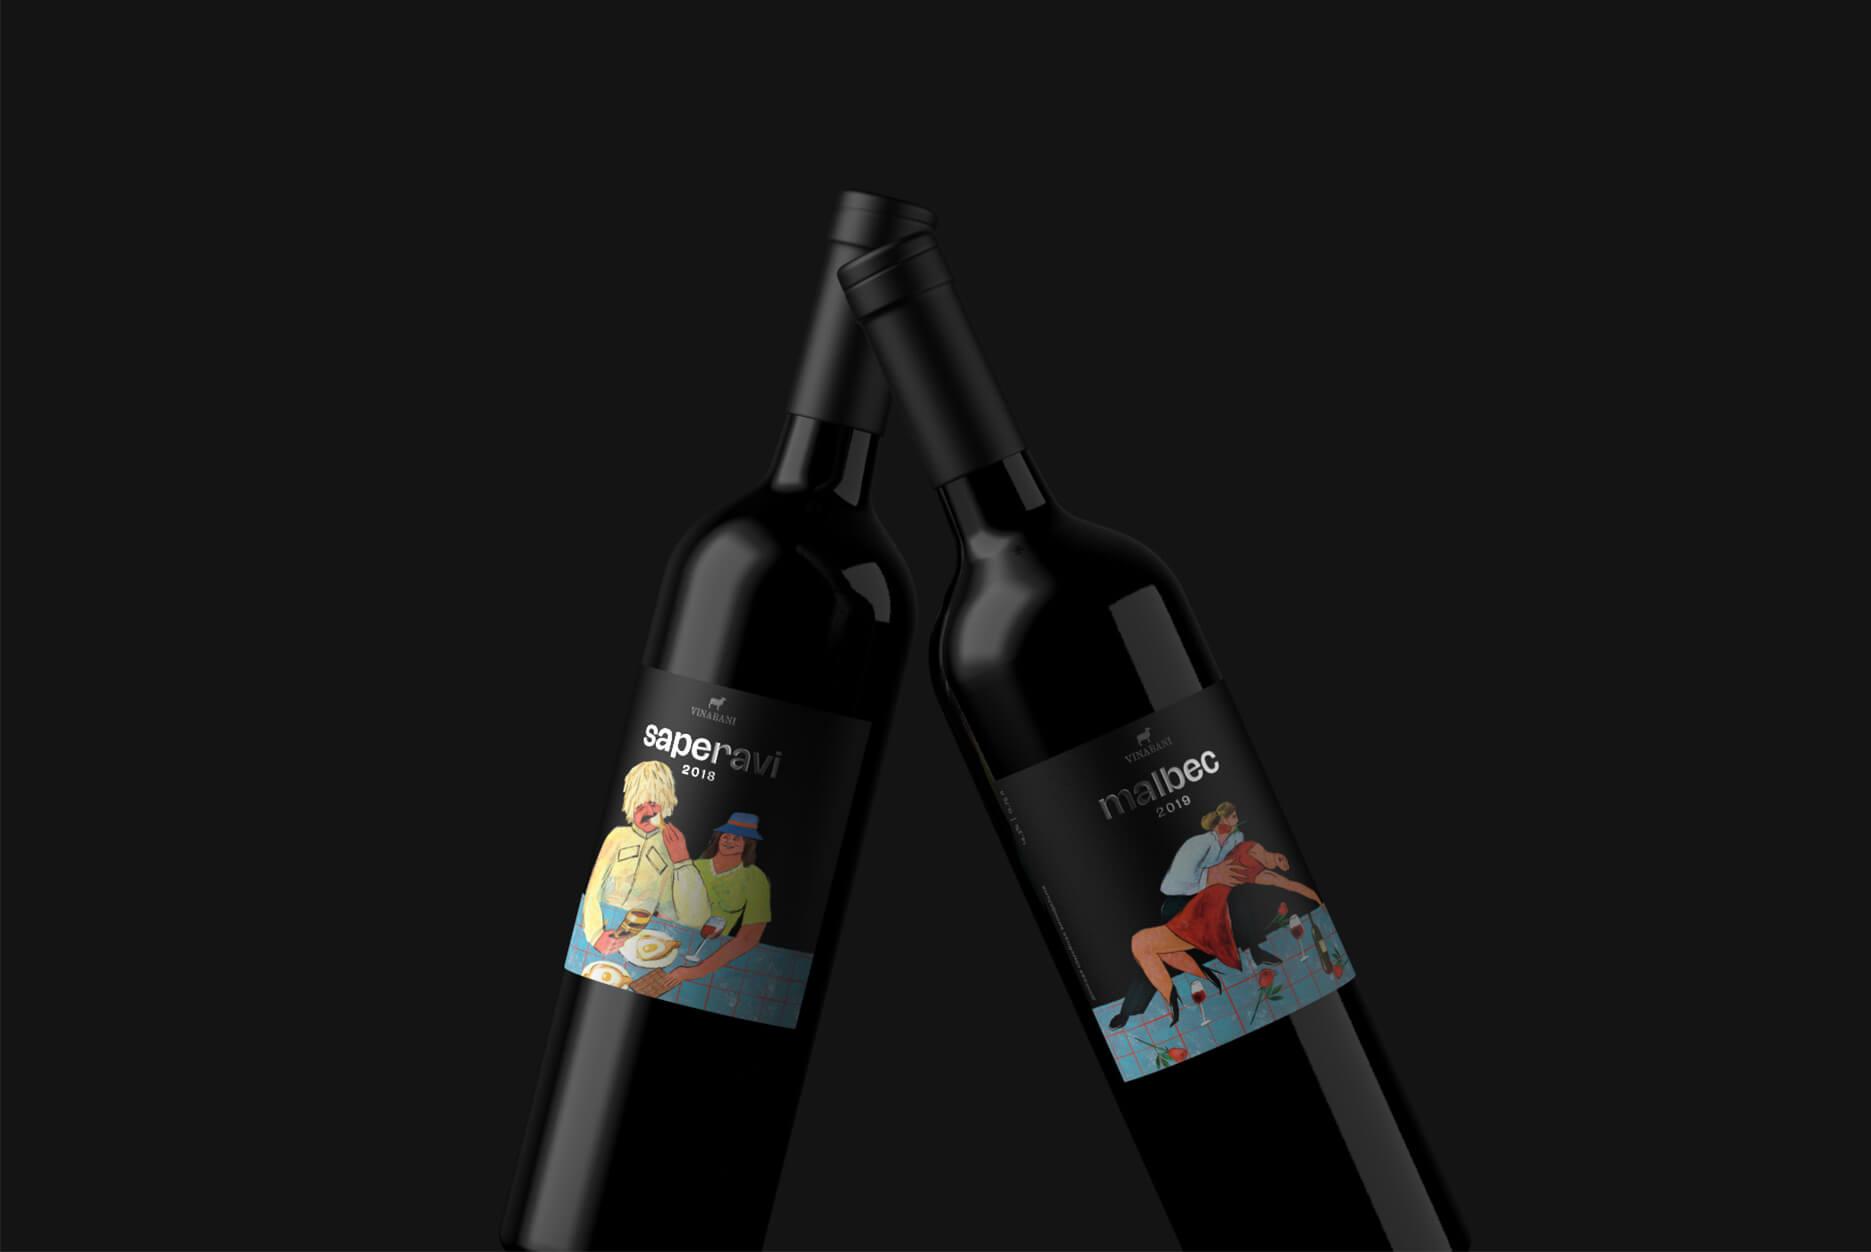 俄罗斯葡萄酒品牌VinaBani包装设计